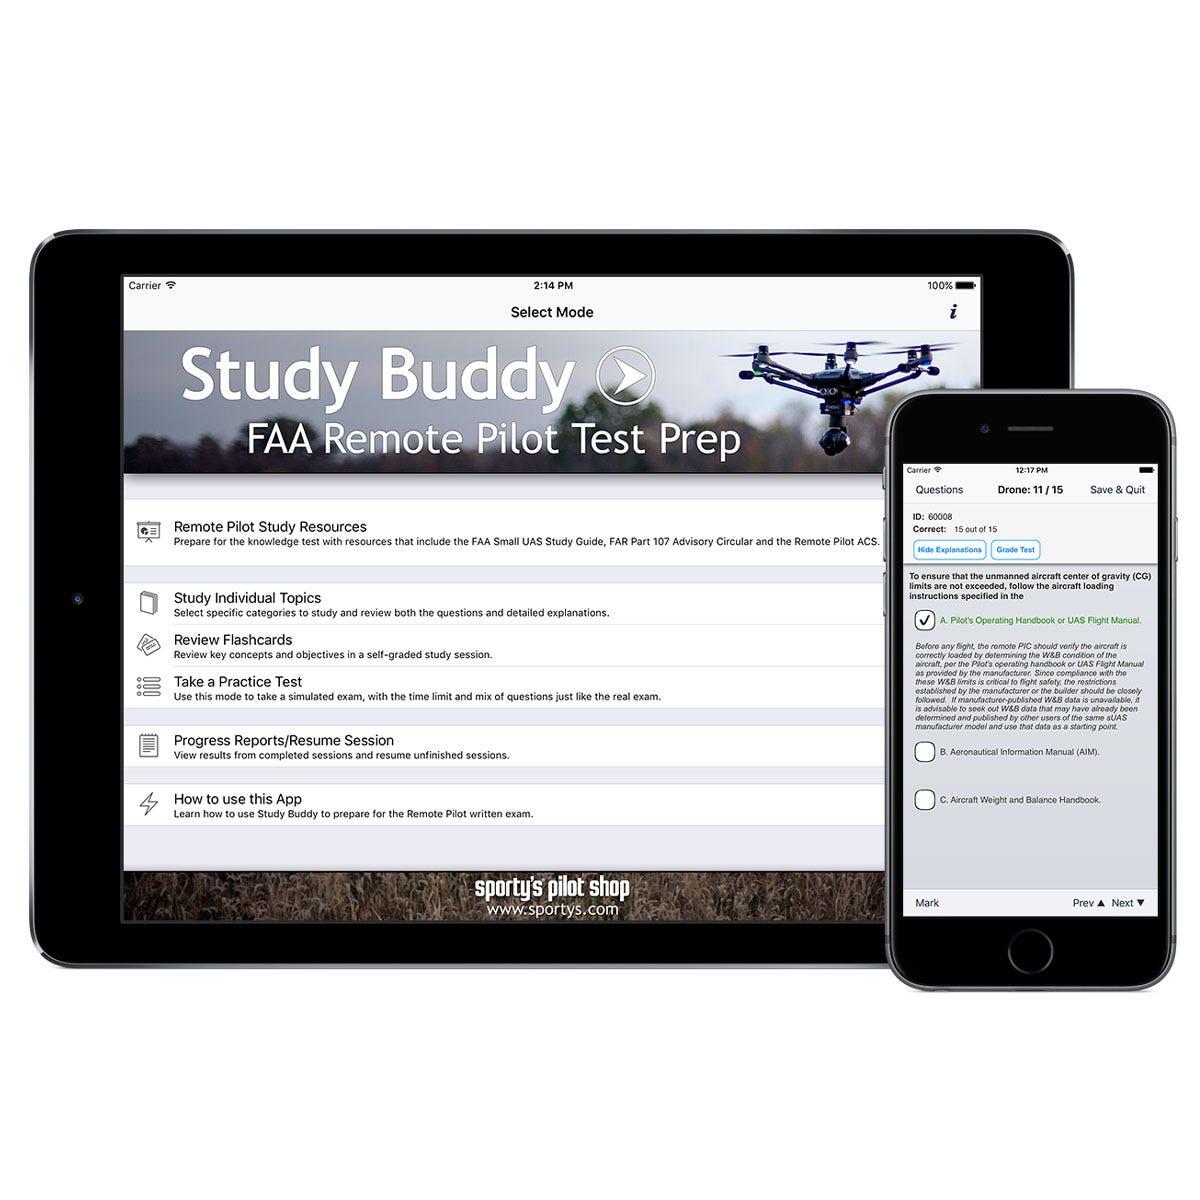 sporty u0026 39 s drone study buddy